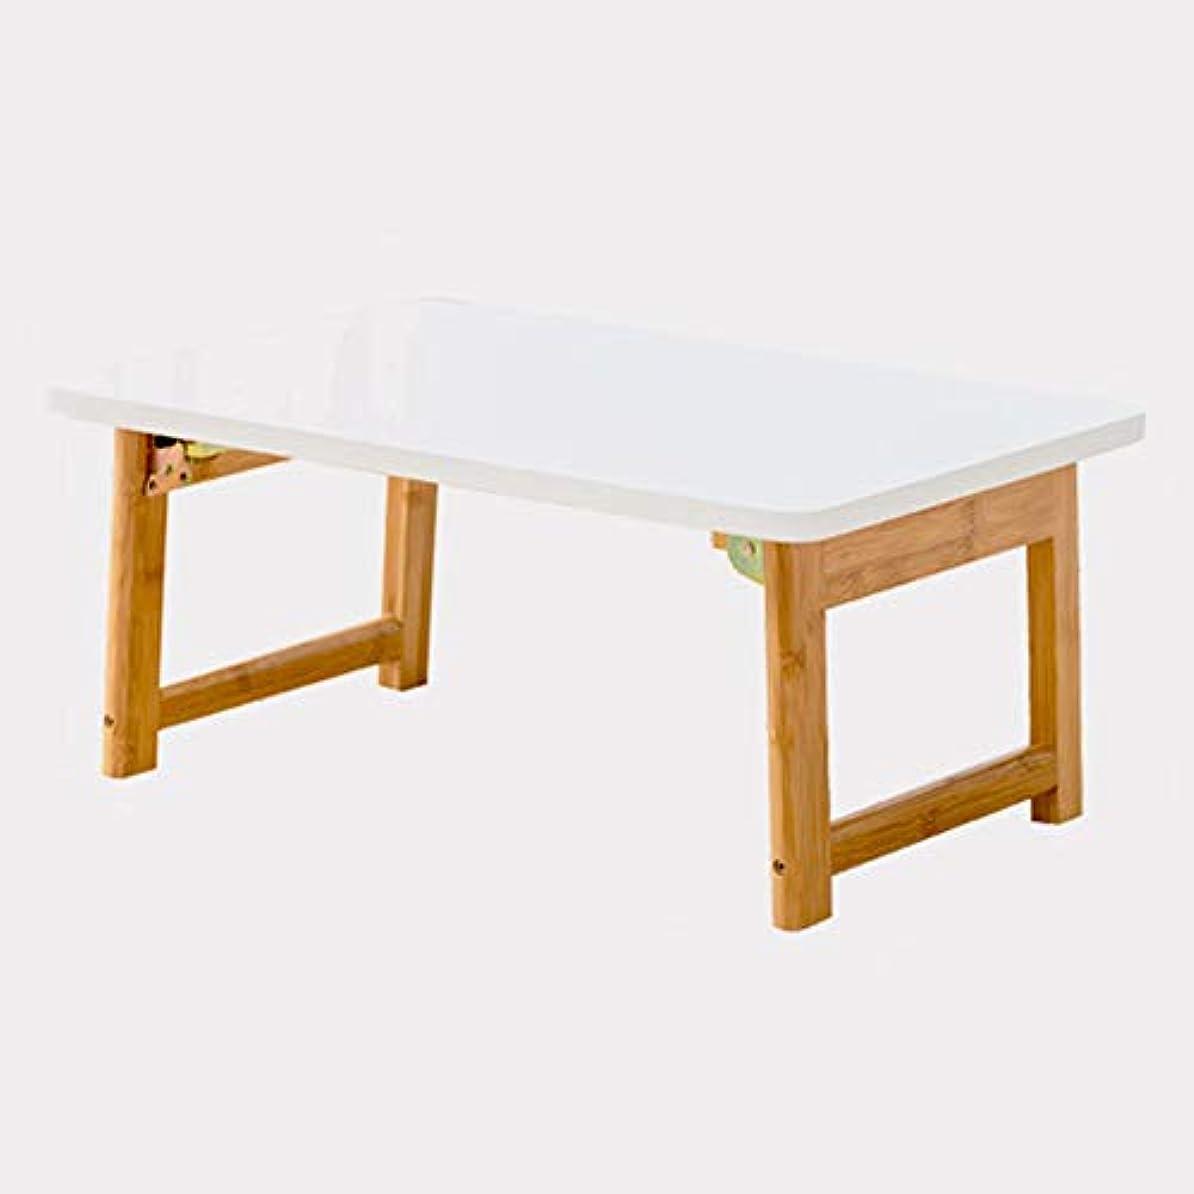 負担完全に乾く新しい意味折りたたみ式テーブル竹木製出窓小さなコーヒーテーブルノートパソコンテーブル寮研究テーブルホワイト